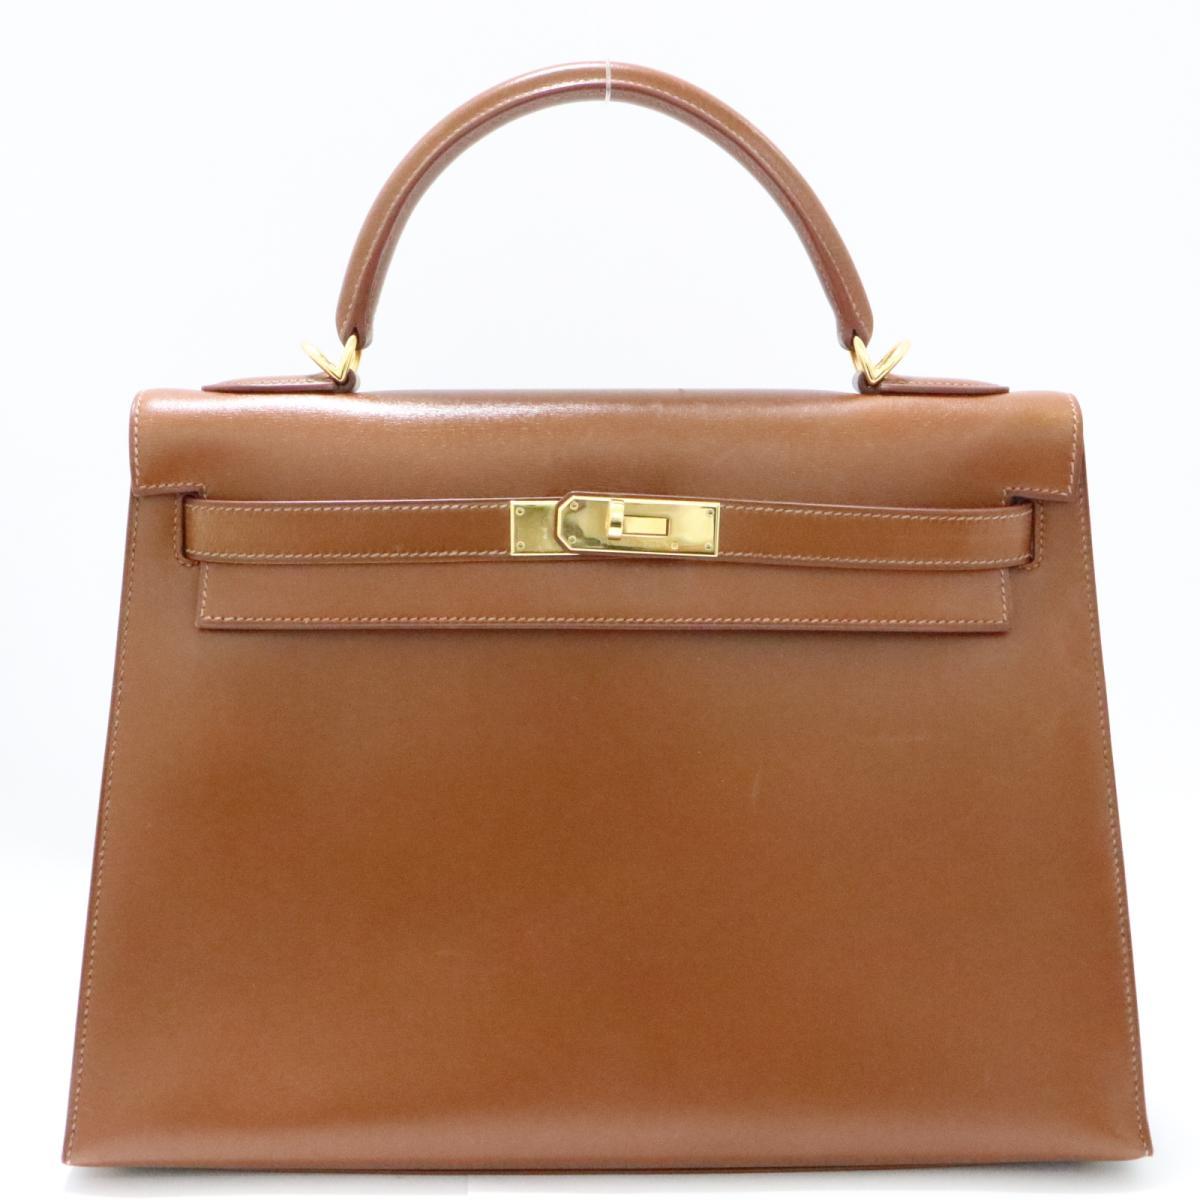 【中古】 エルメス ケリー32 2WAY ハンドバッグ 外縫い ゴールド金具 レディース ボックスカーフ キャメル | HERMES ハンドバック ケリー KELLY 32 バッグ バック BAG カバン 鞄 ブランドバッグ ブランドバック 美品 ブランドオフ